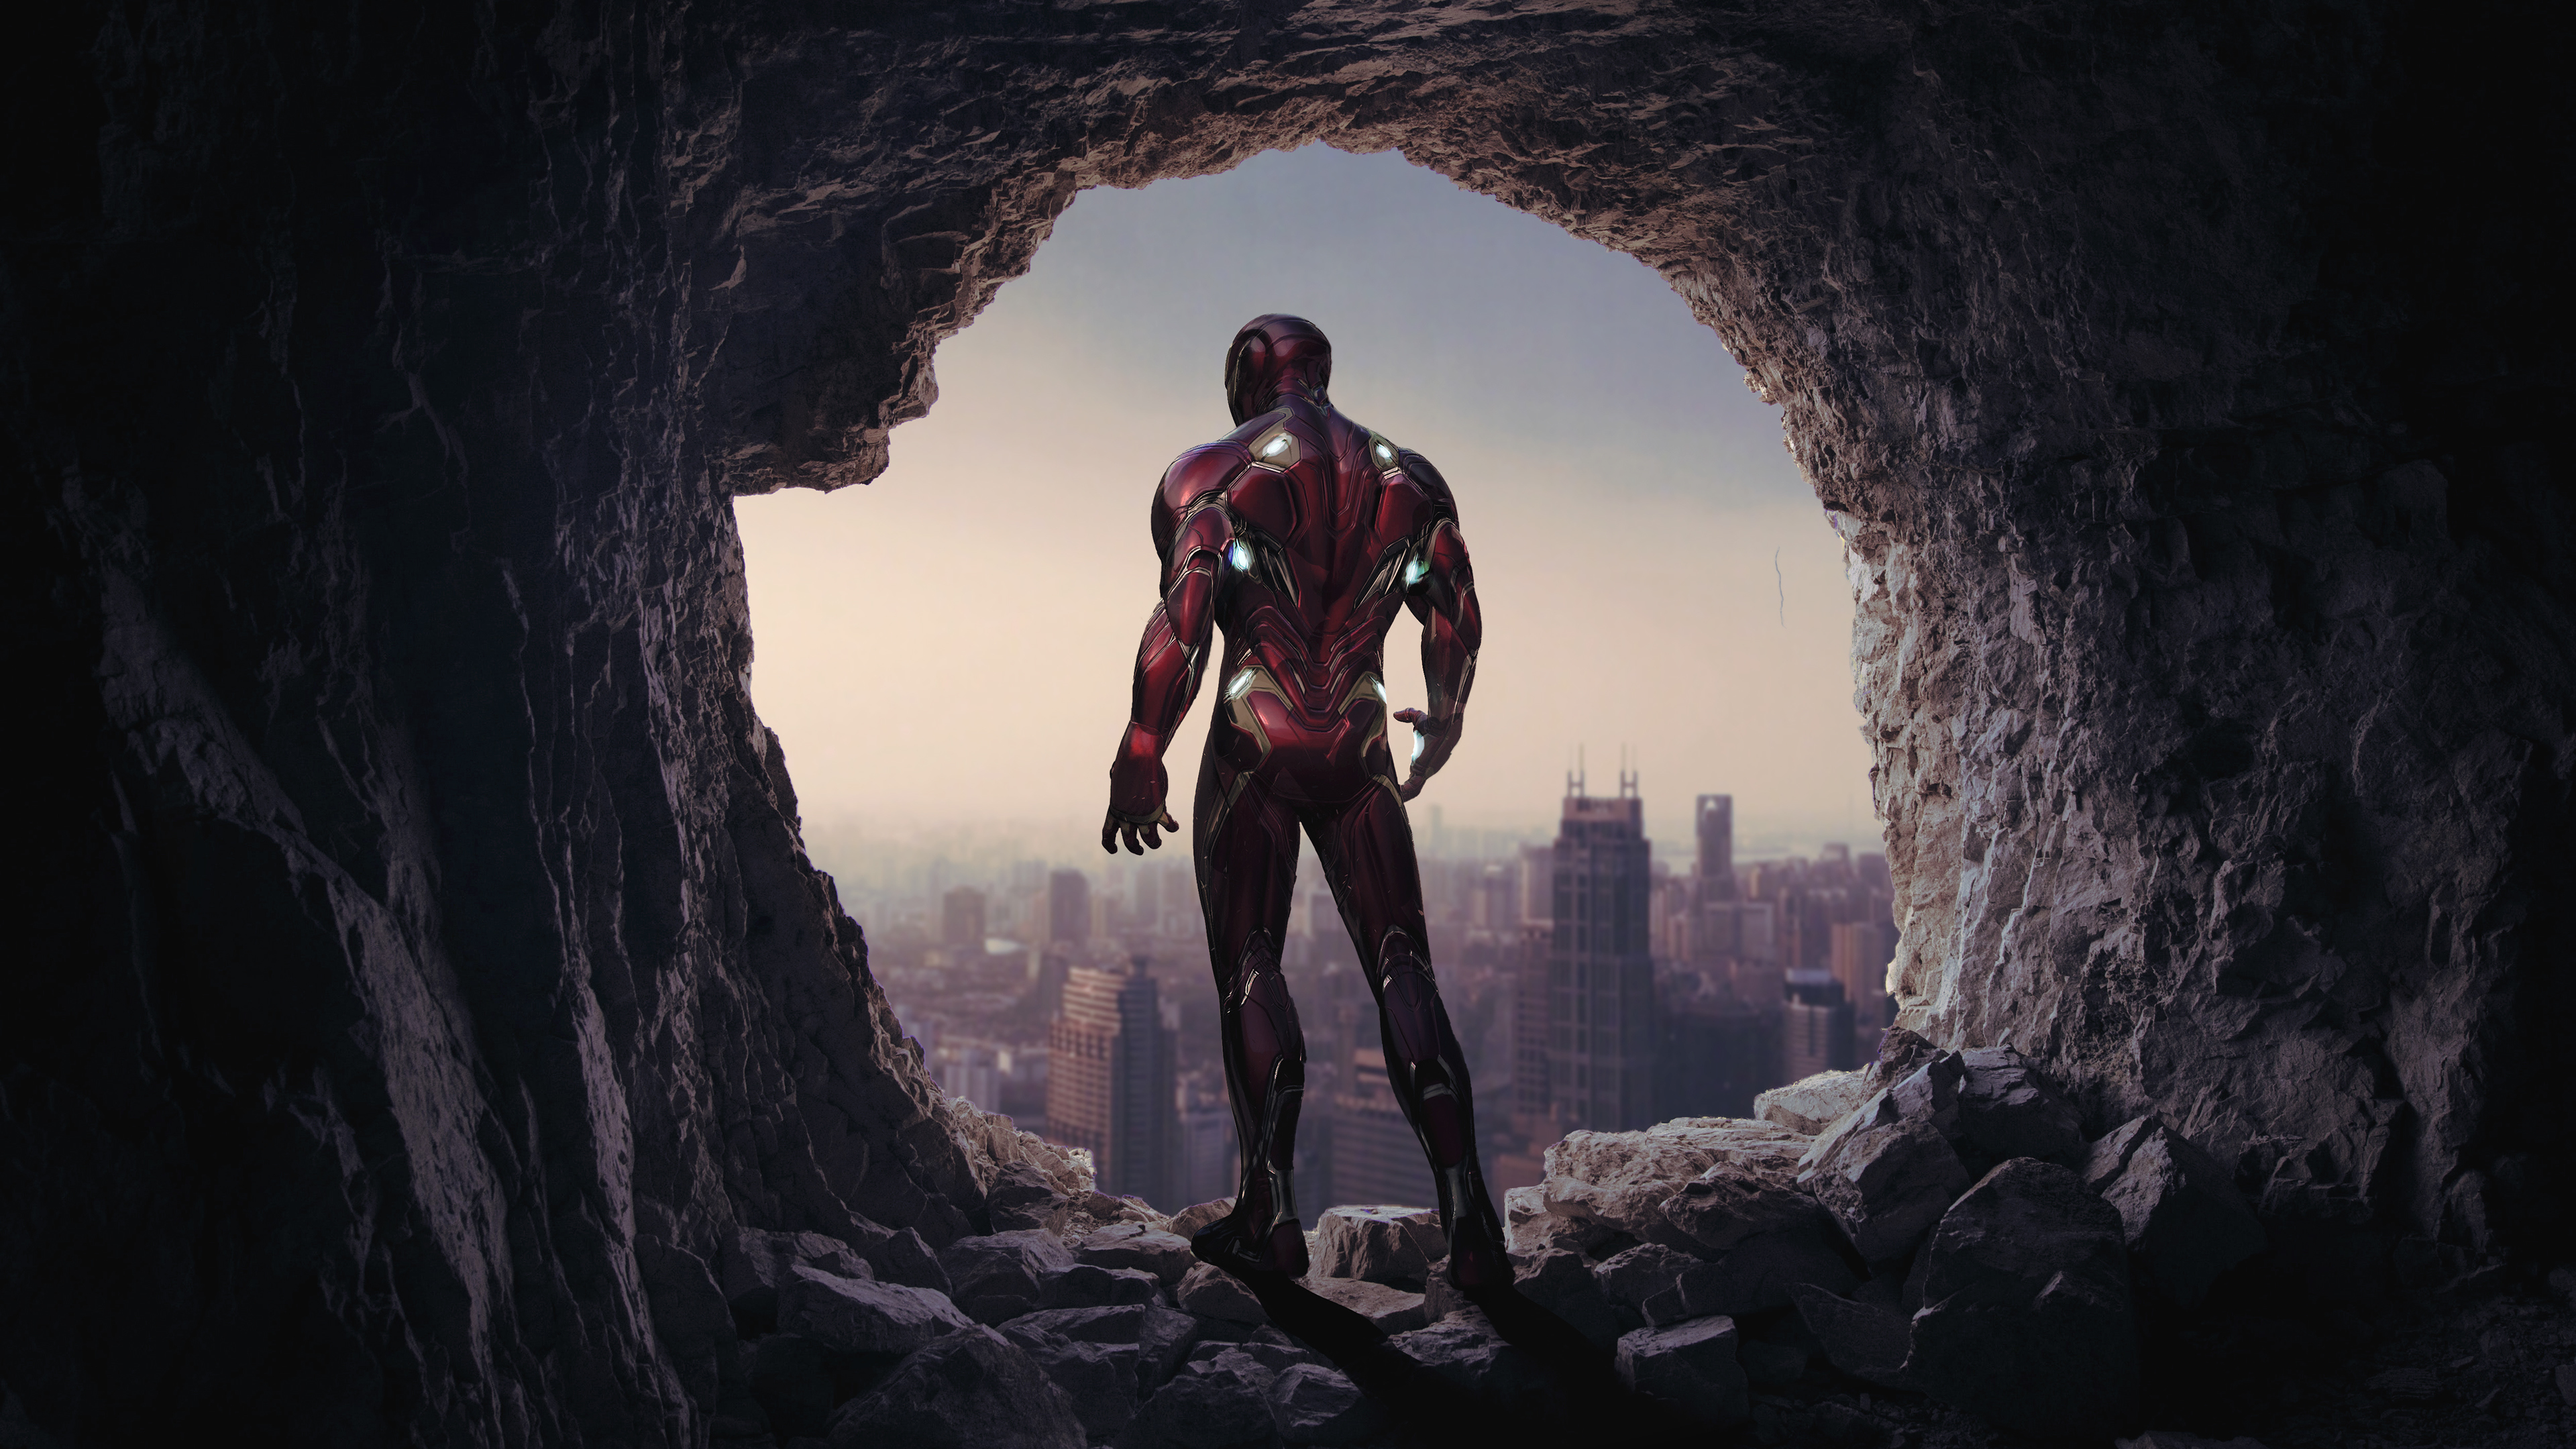 Iron Man Avengers Endgame 4k 2019 Wallpaper